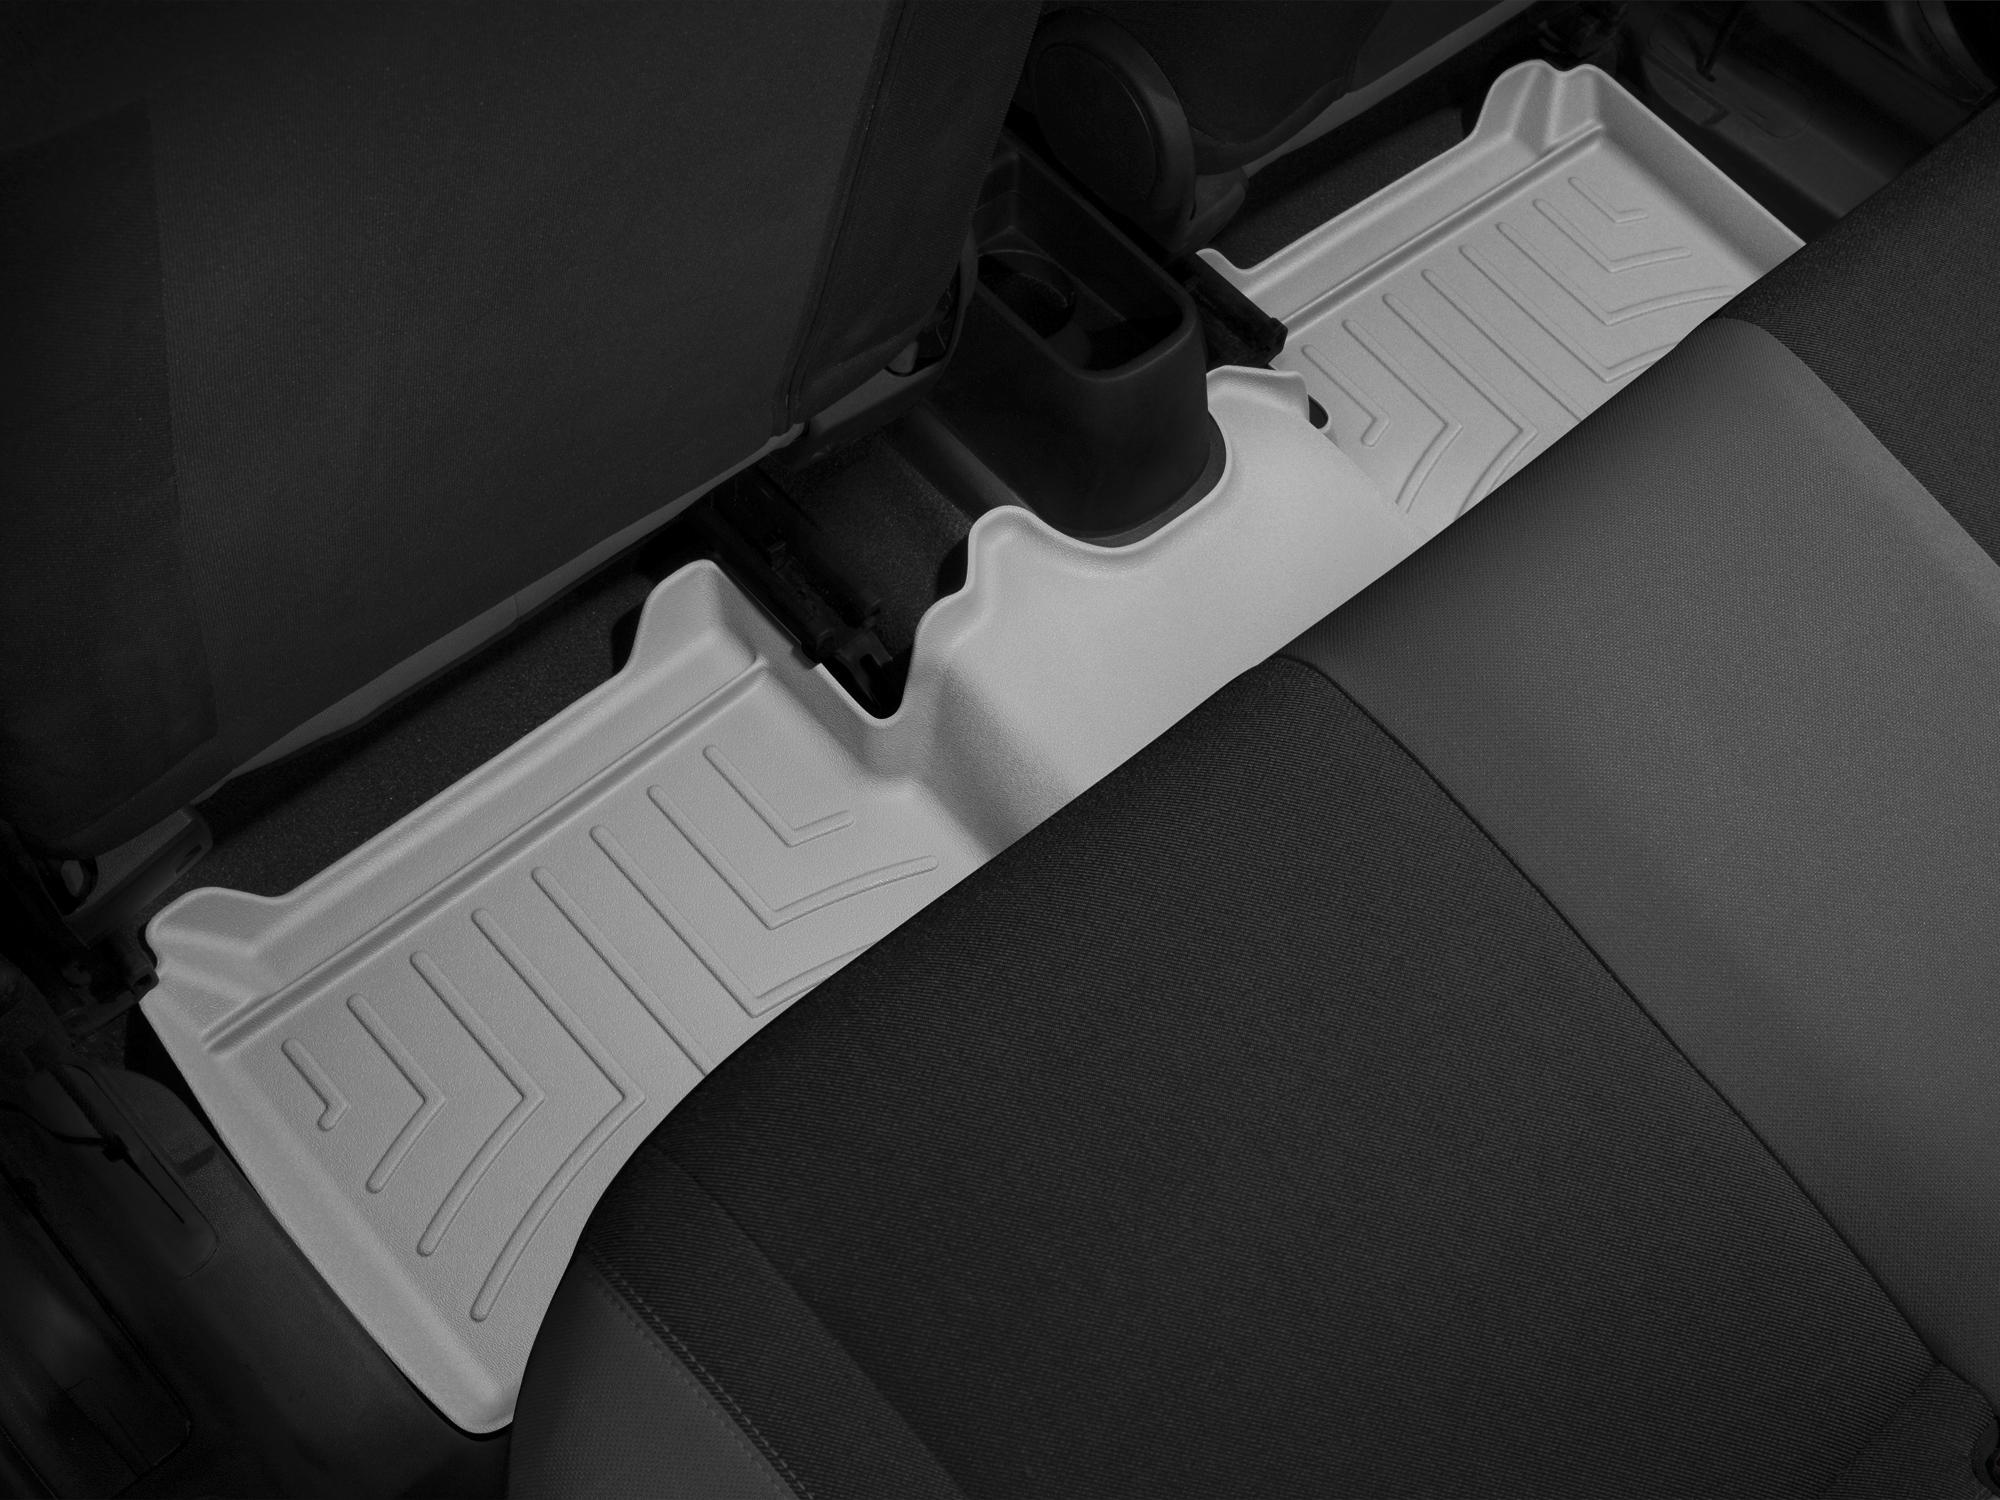 Tappeti gomma su misura bordo alto Fiat Punto EVO 09>13 Grigio A831*